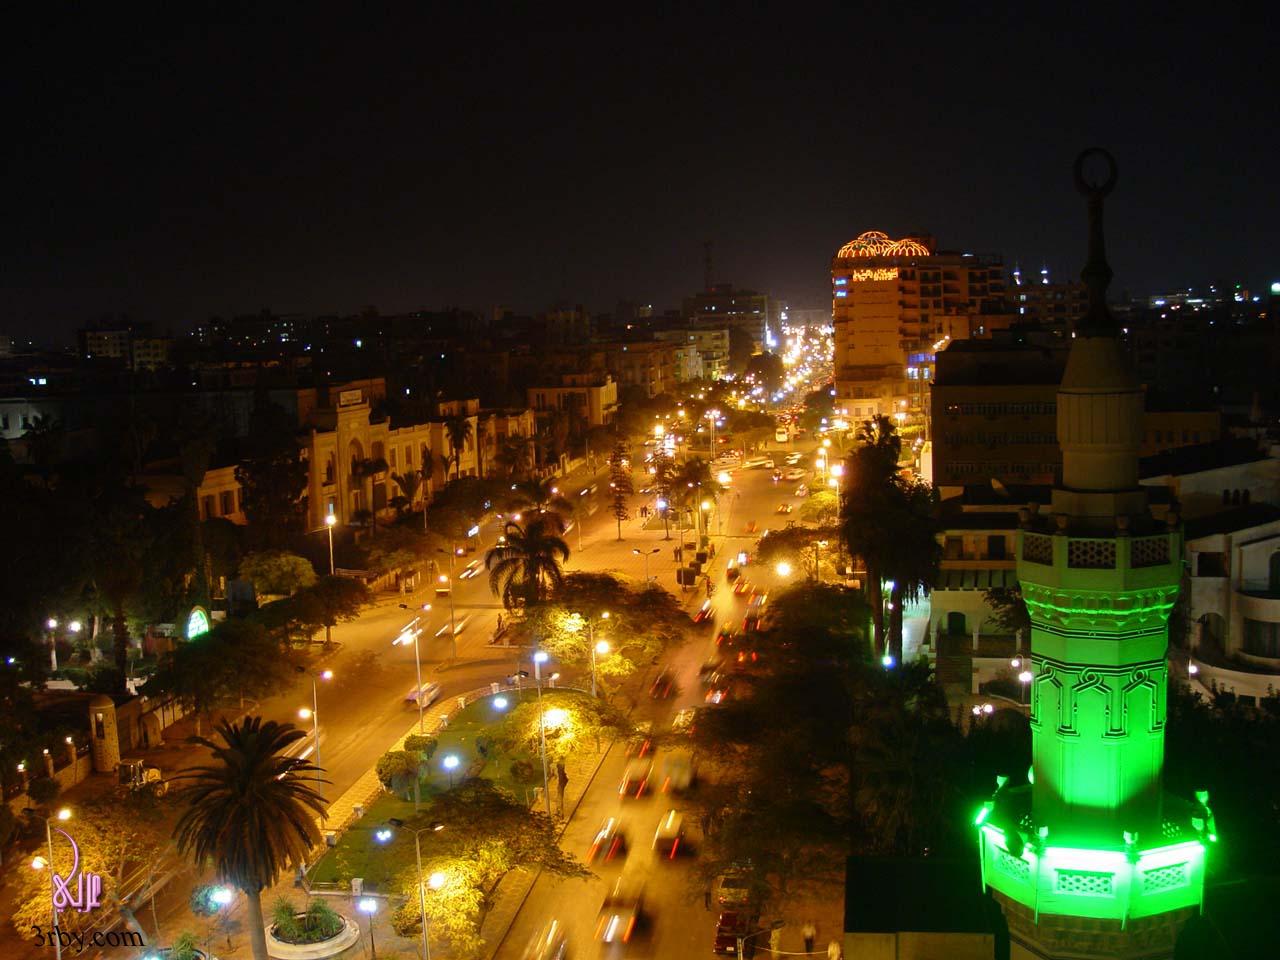 مدينتى •.♥ المنصوره عروس النيل 683_112203_1163511565.jpg